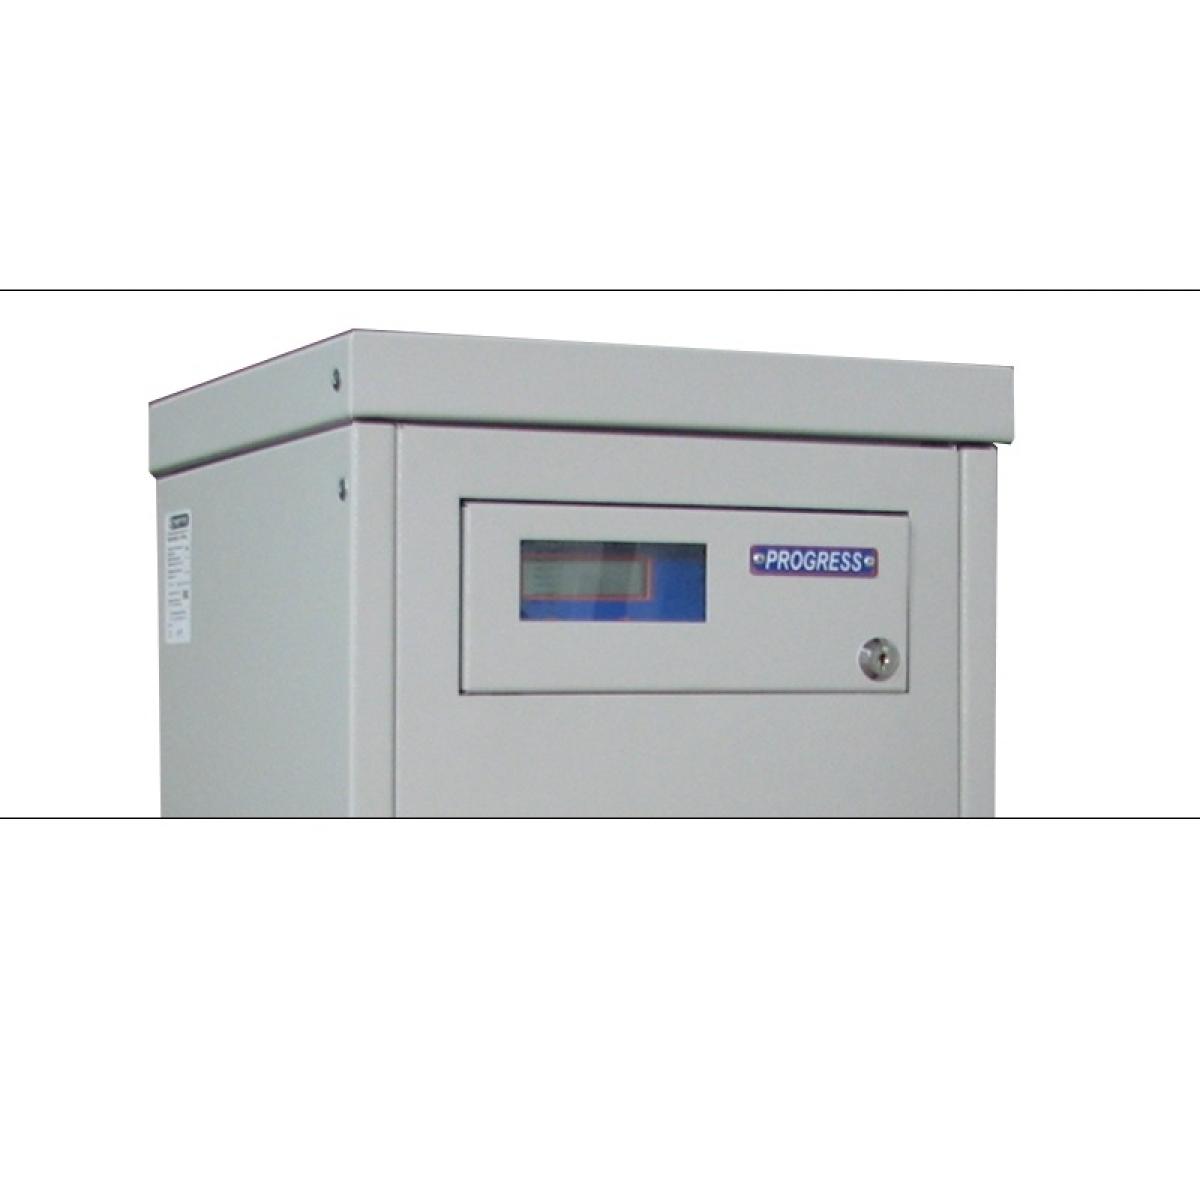 Однофазный стабилизатор PROGRESS 20000L, дисплей